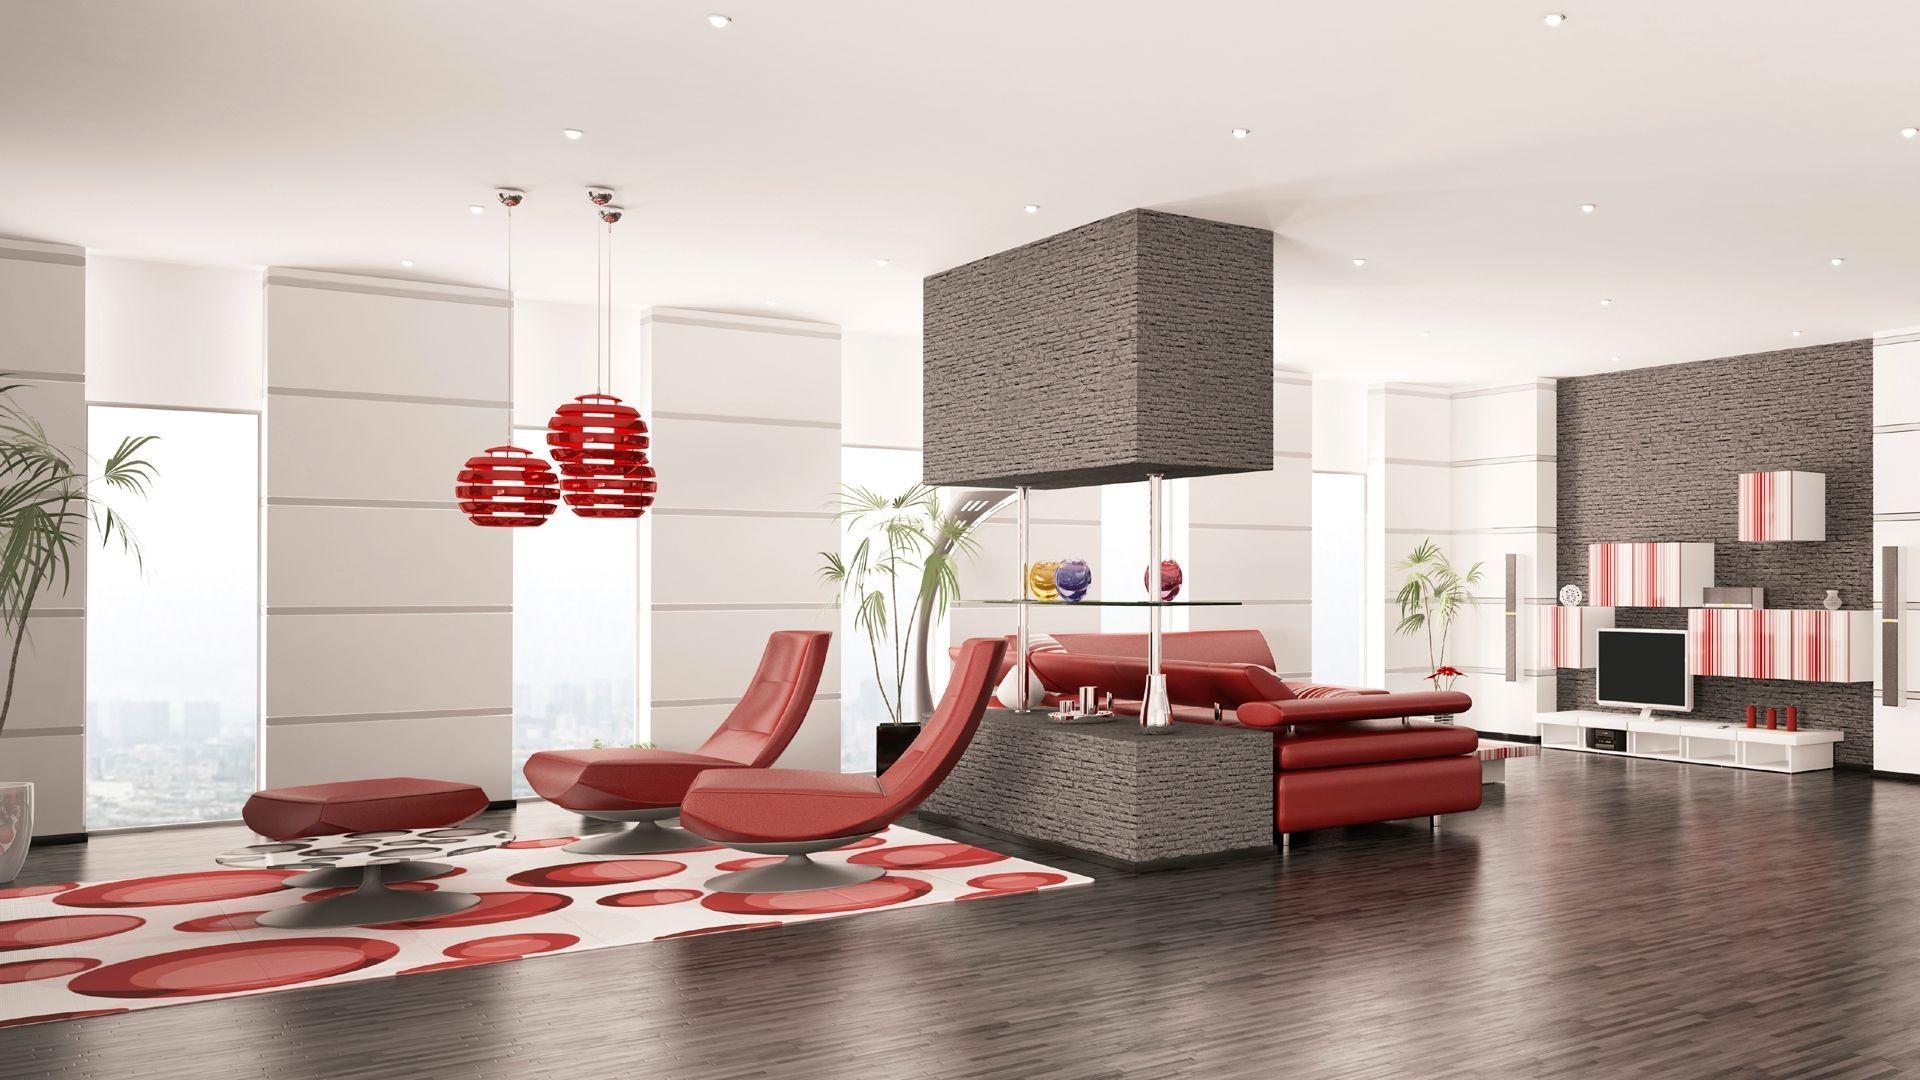 Arquitectura interior, proyectos y construcción de espacios interiores en Lleida